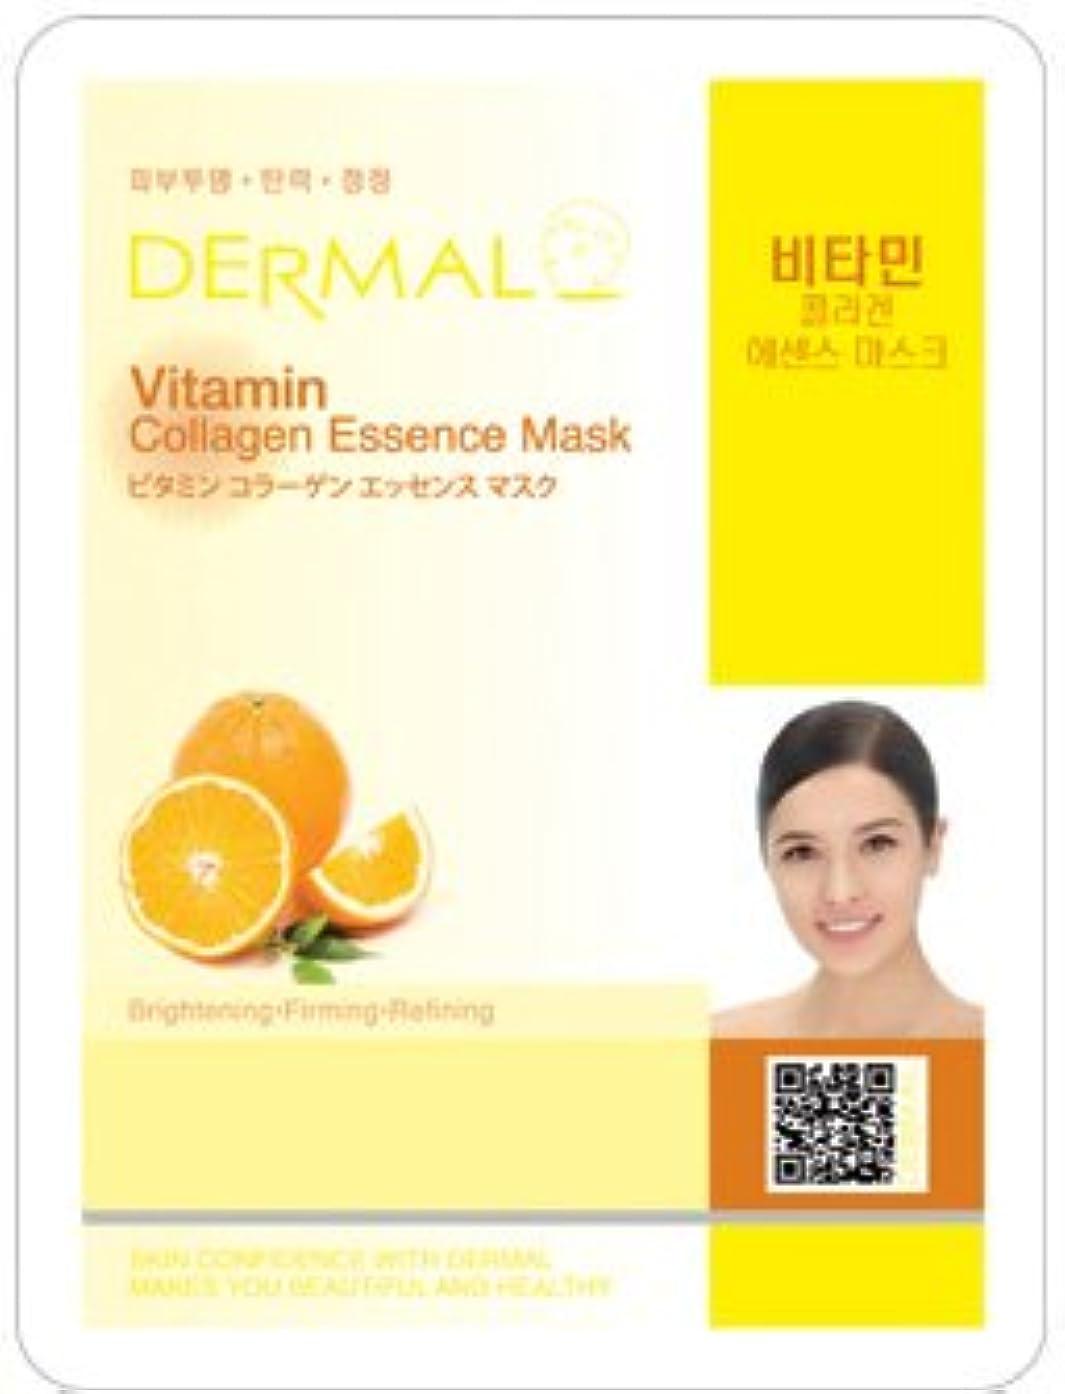 溶融退屈限りなくシートマスク ビタミン 100枚セット ダーマル(Dermal) フェイス パック